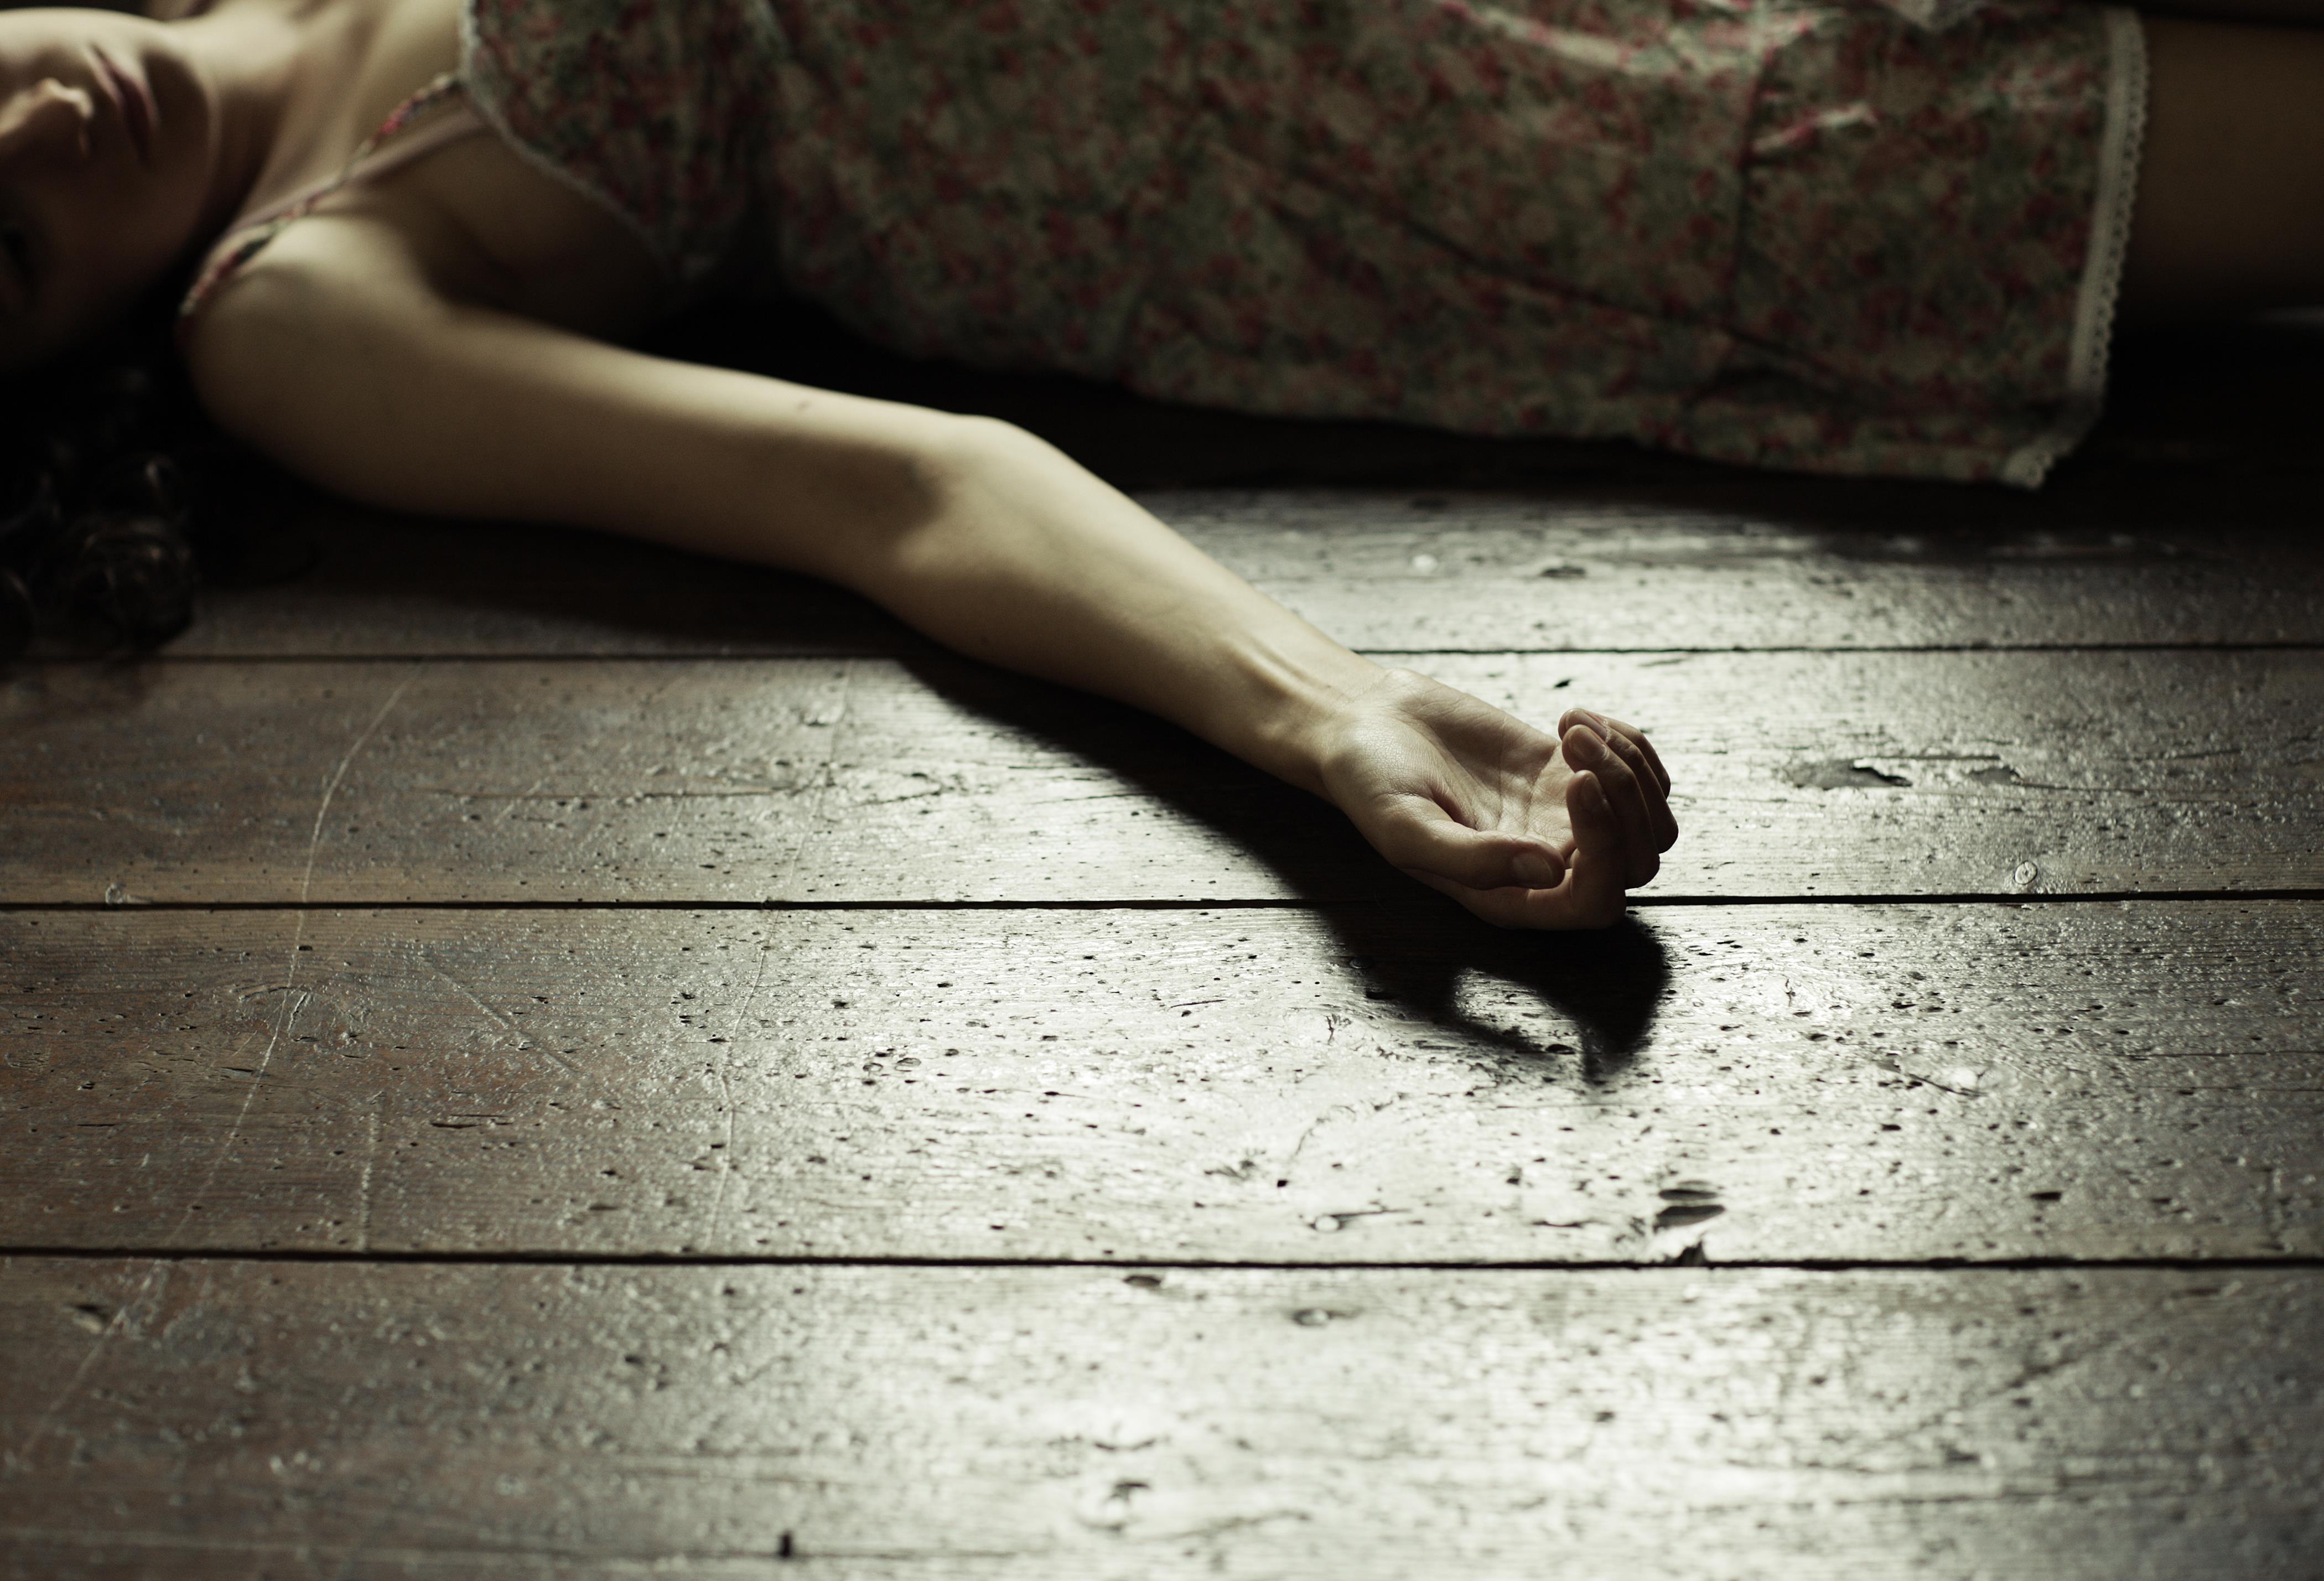 Dziewczyna, z którą się spotykam, została zgwałcona